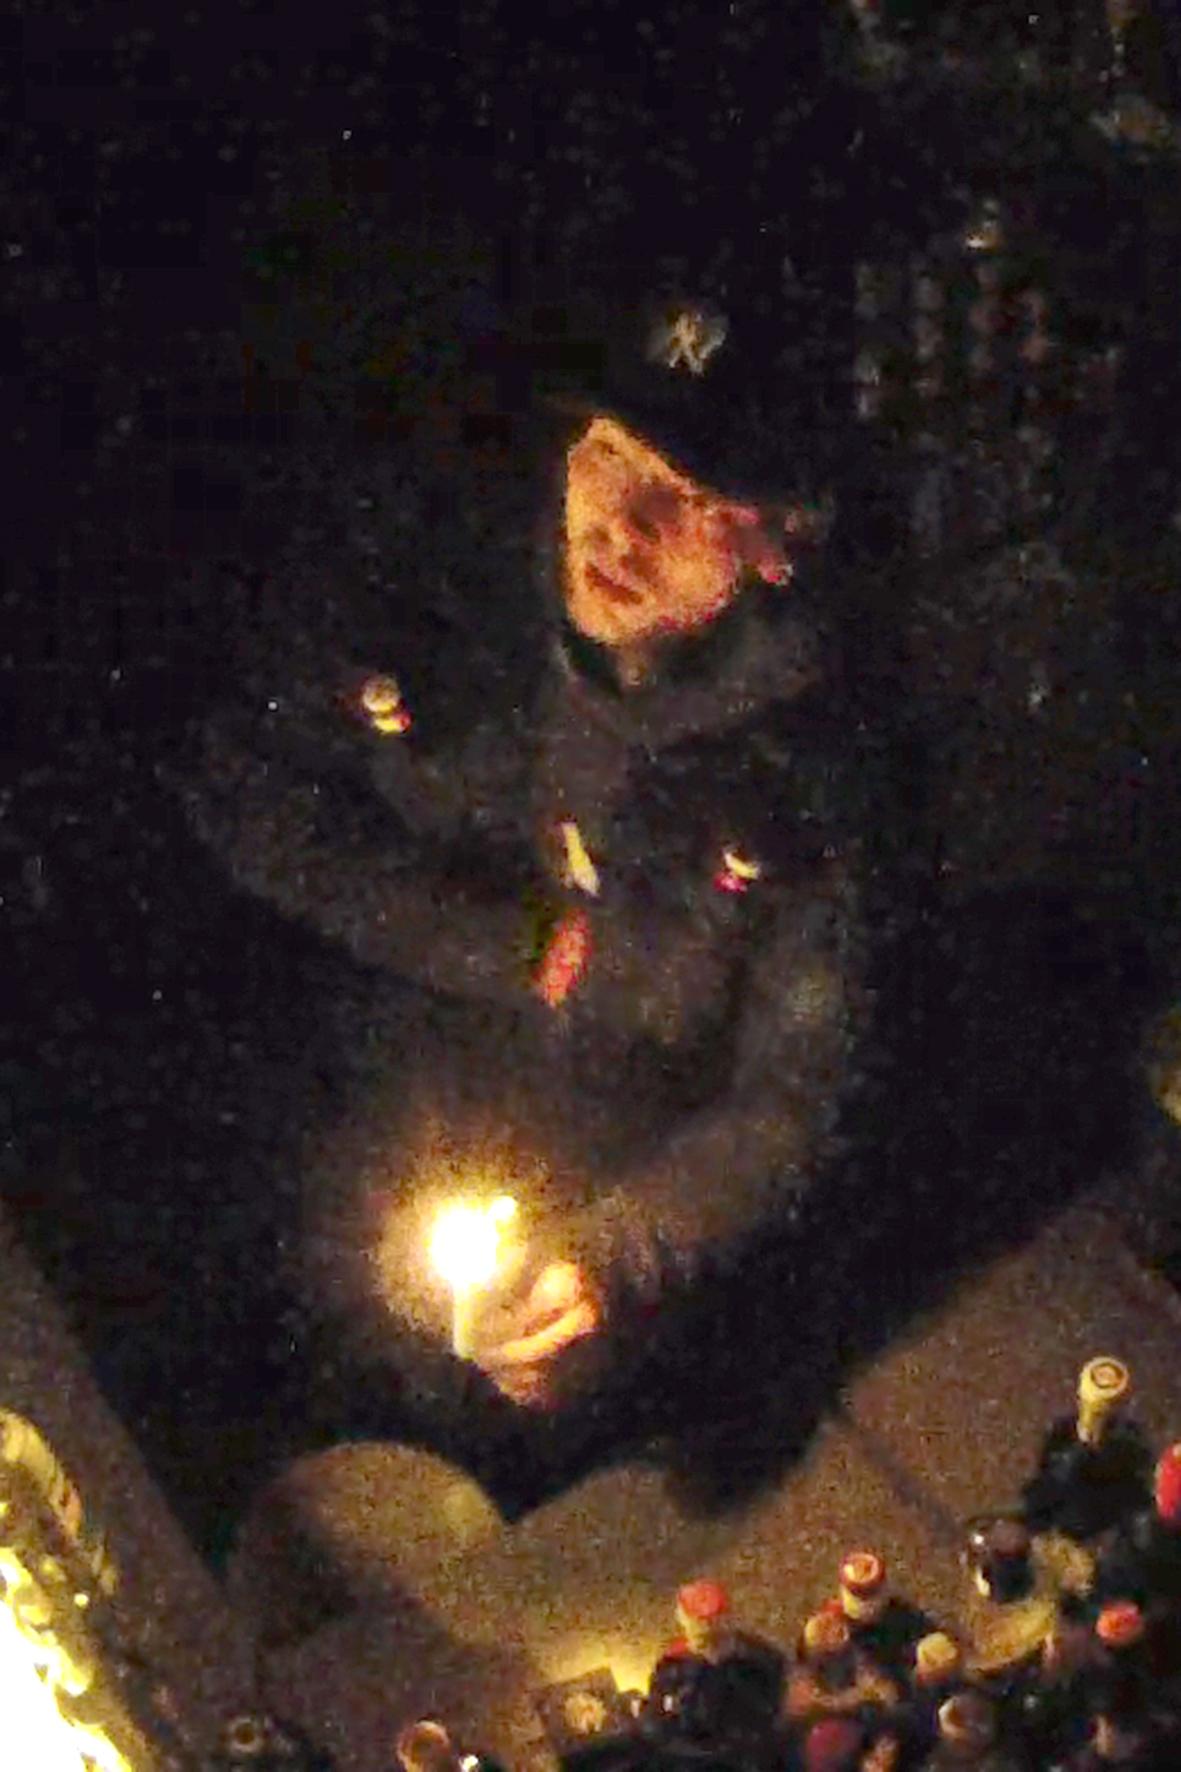 Polizei fahndet mit Foto nach Einbrecher (Foto: Polizei Düs)